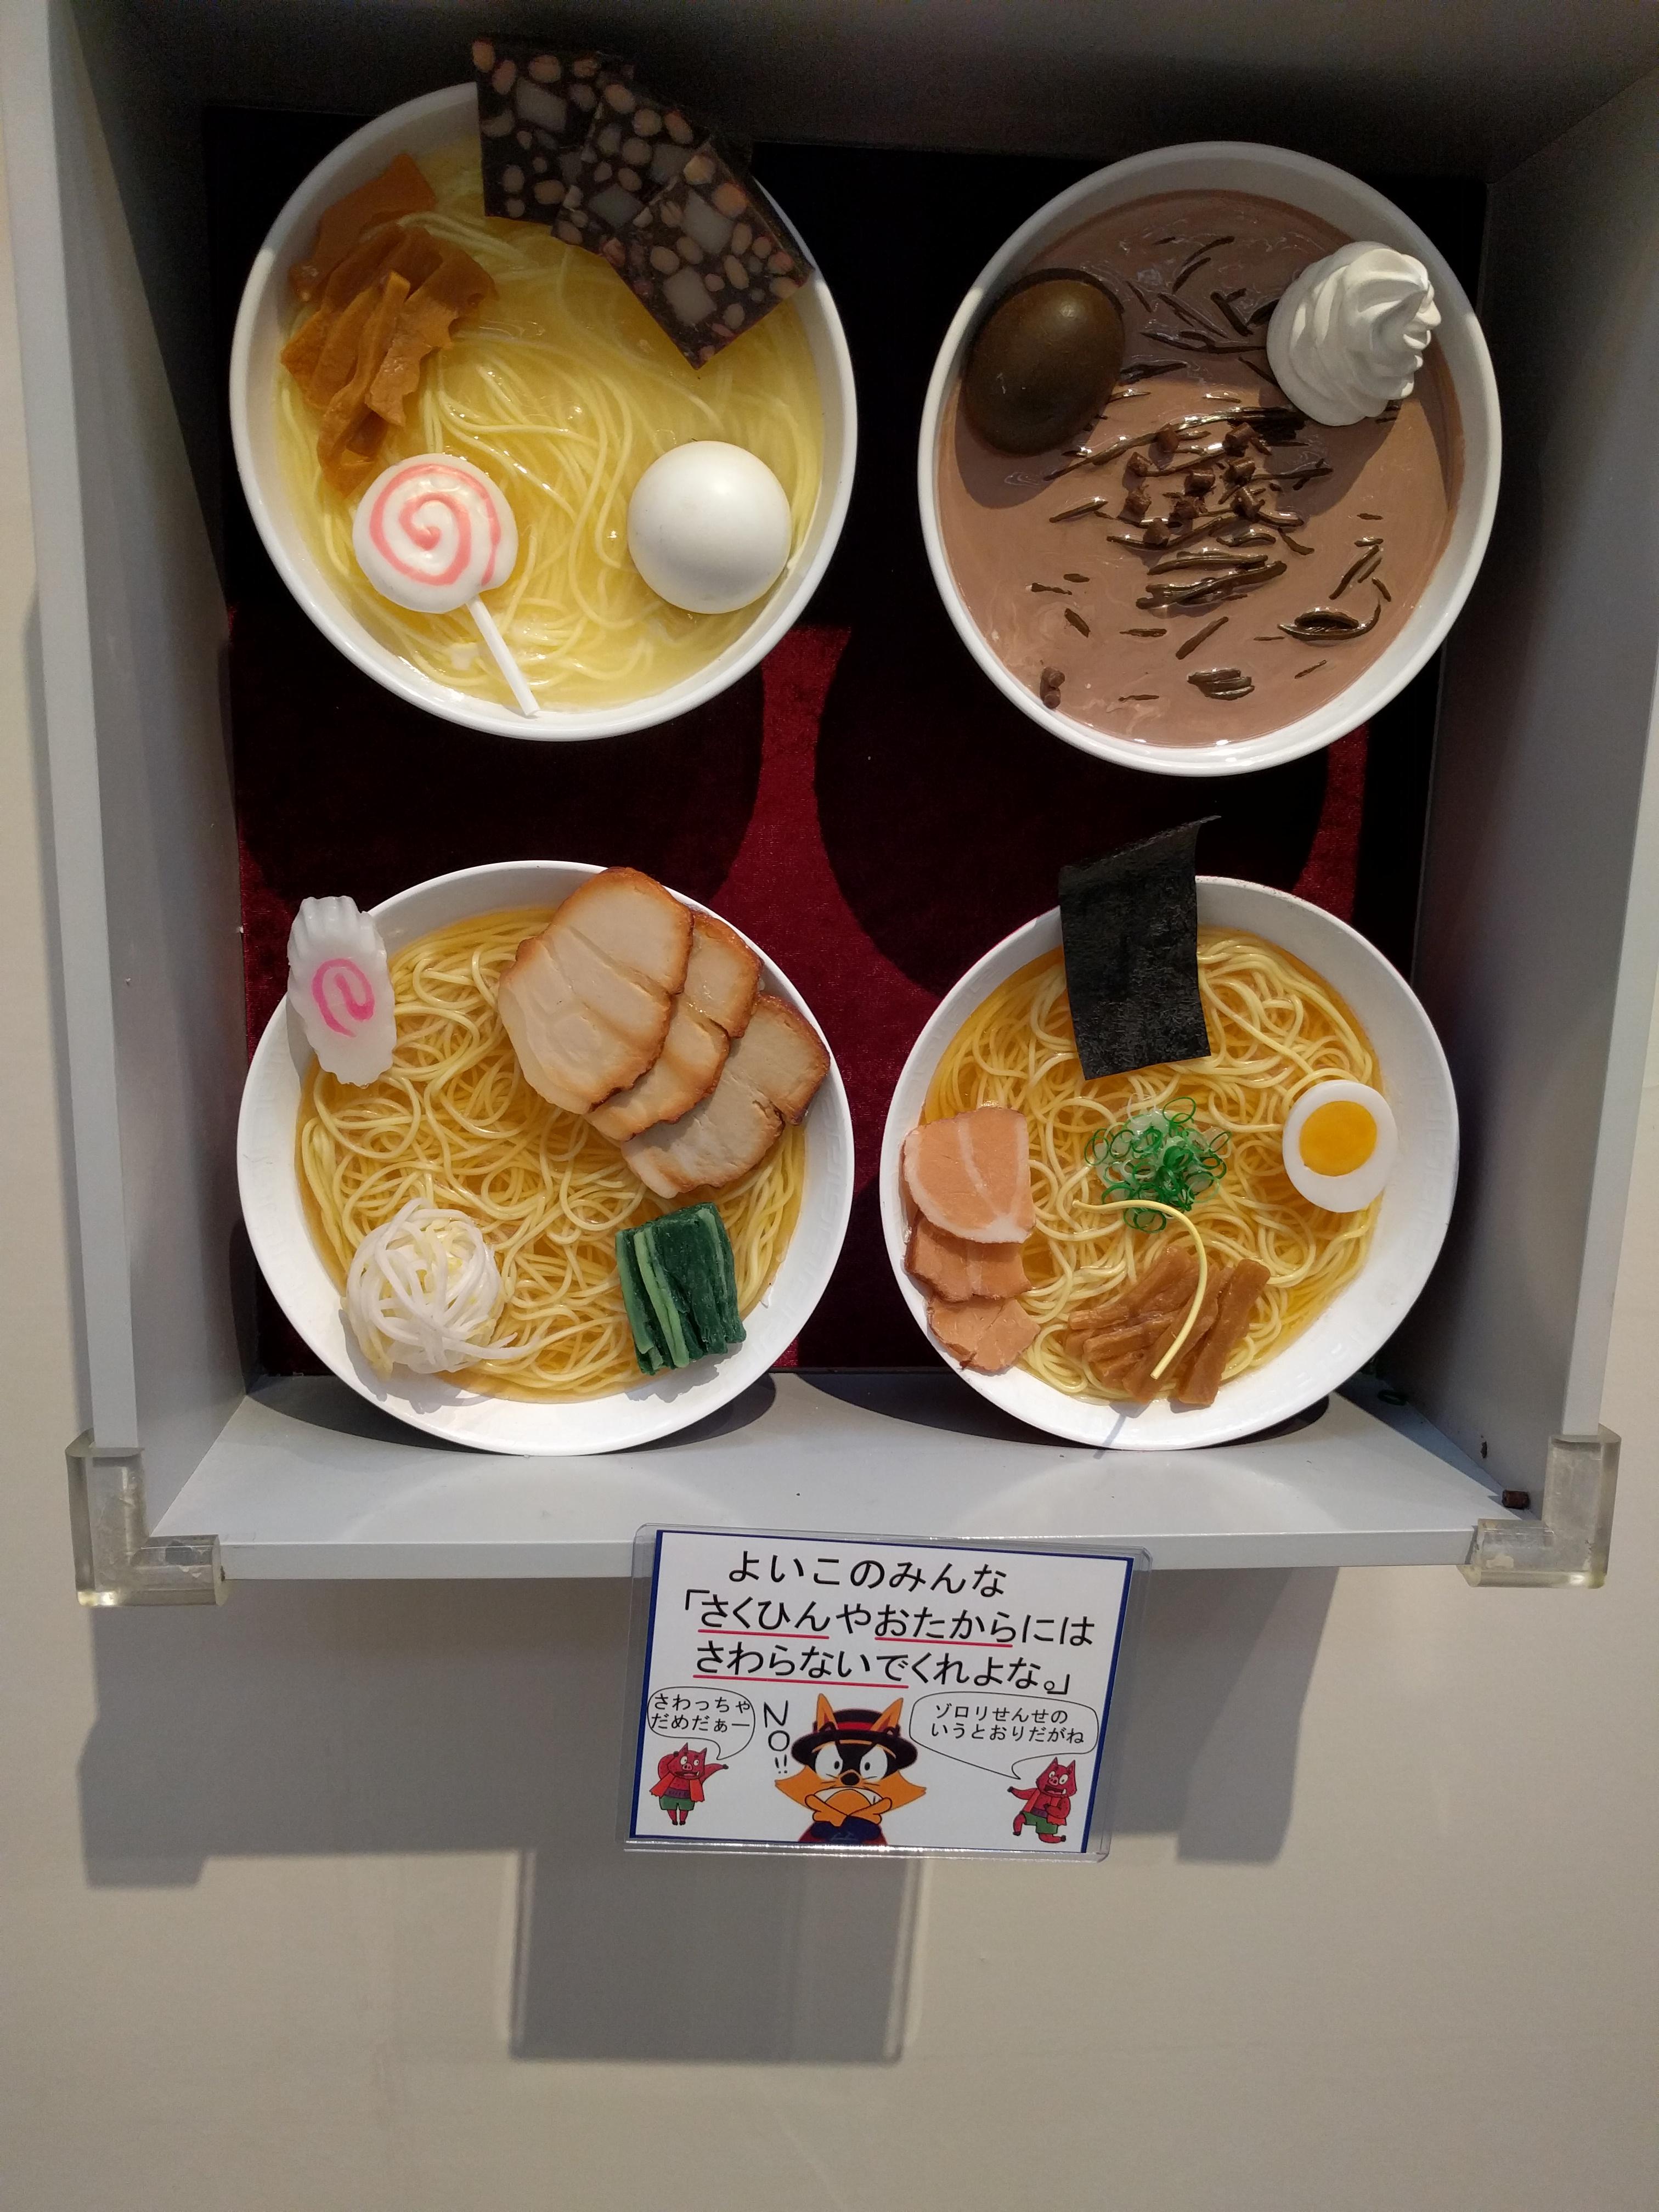 http://www.810810.co.jp/blog_run7/2017/08/08/IMG_20170805_145143.jpg